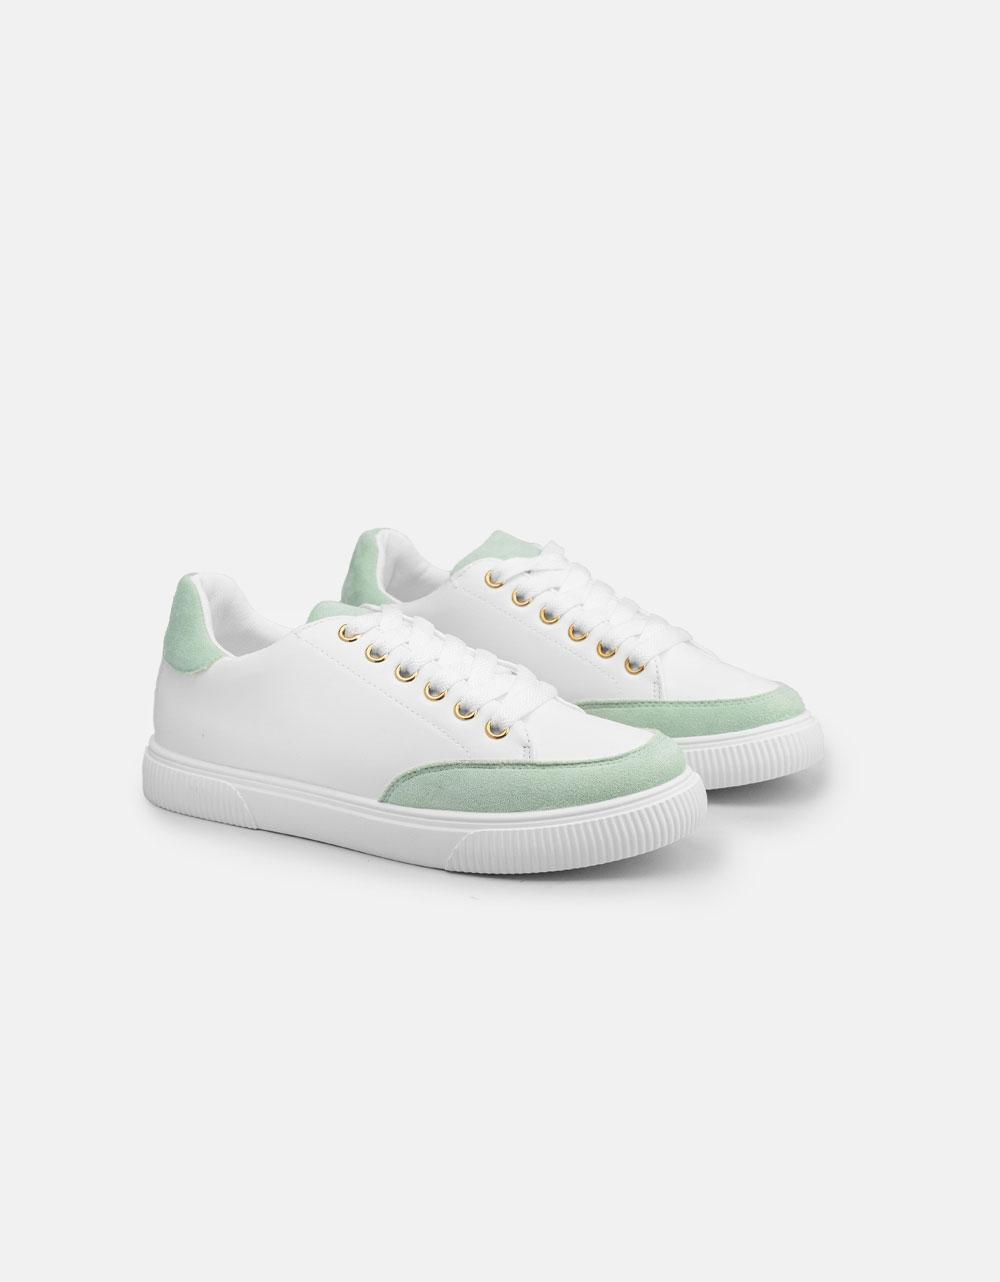 Εικόνα από Γυναικεία sneakers με διχρωμία Πράσινο